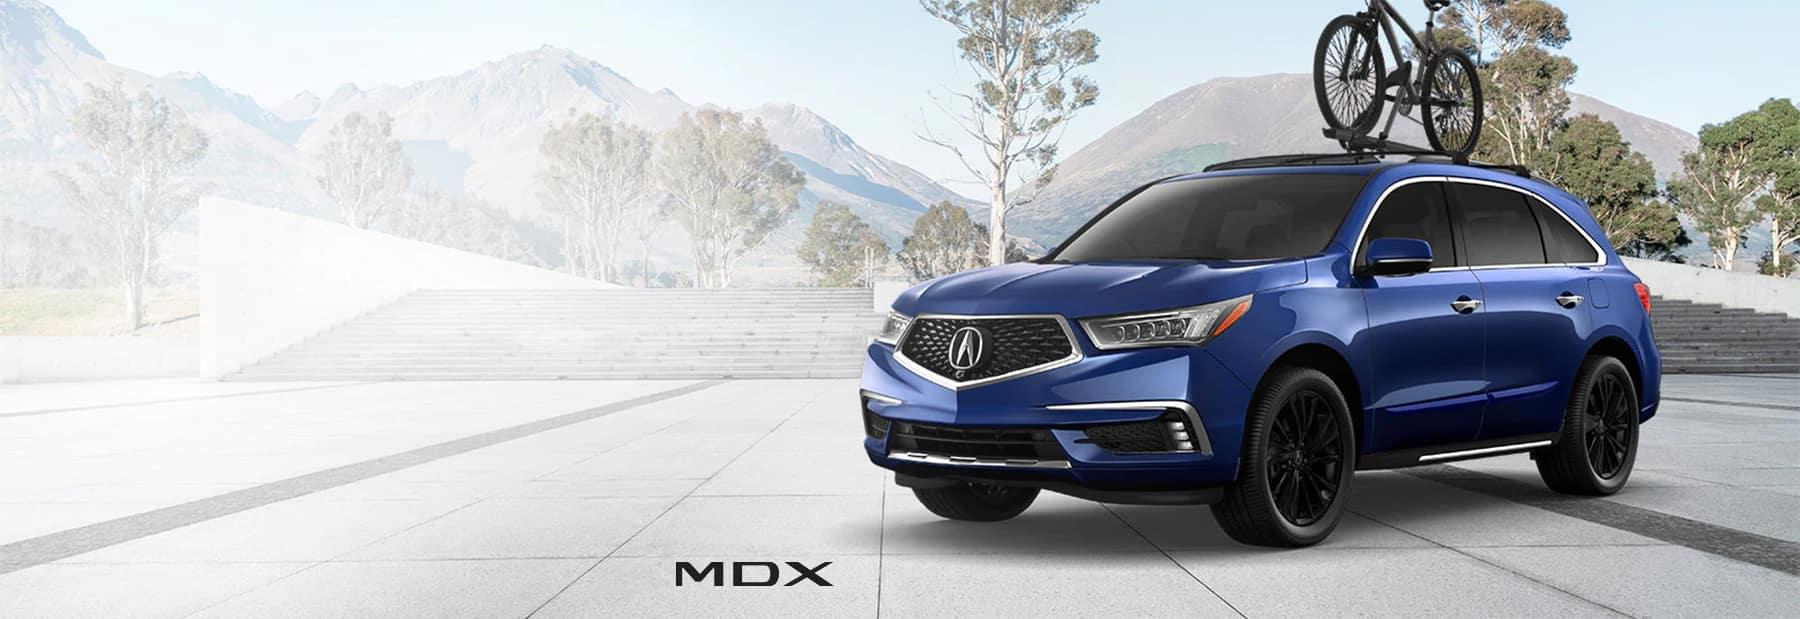 Acura SUV Models: 2020 MDX Slider